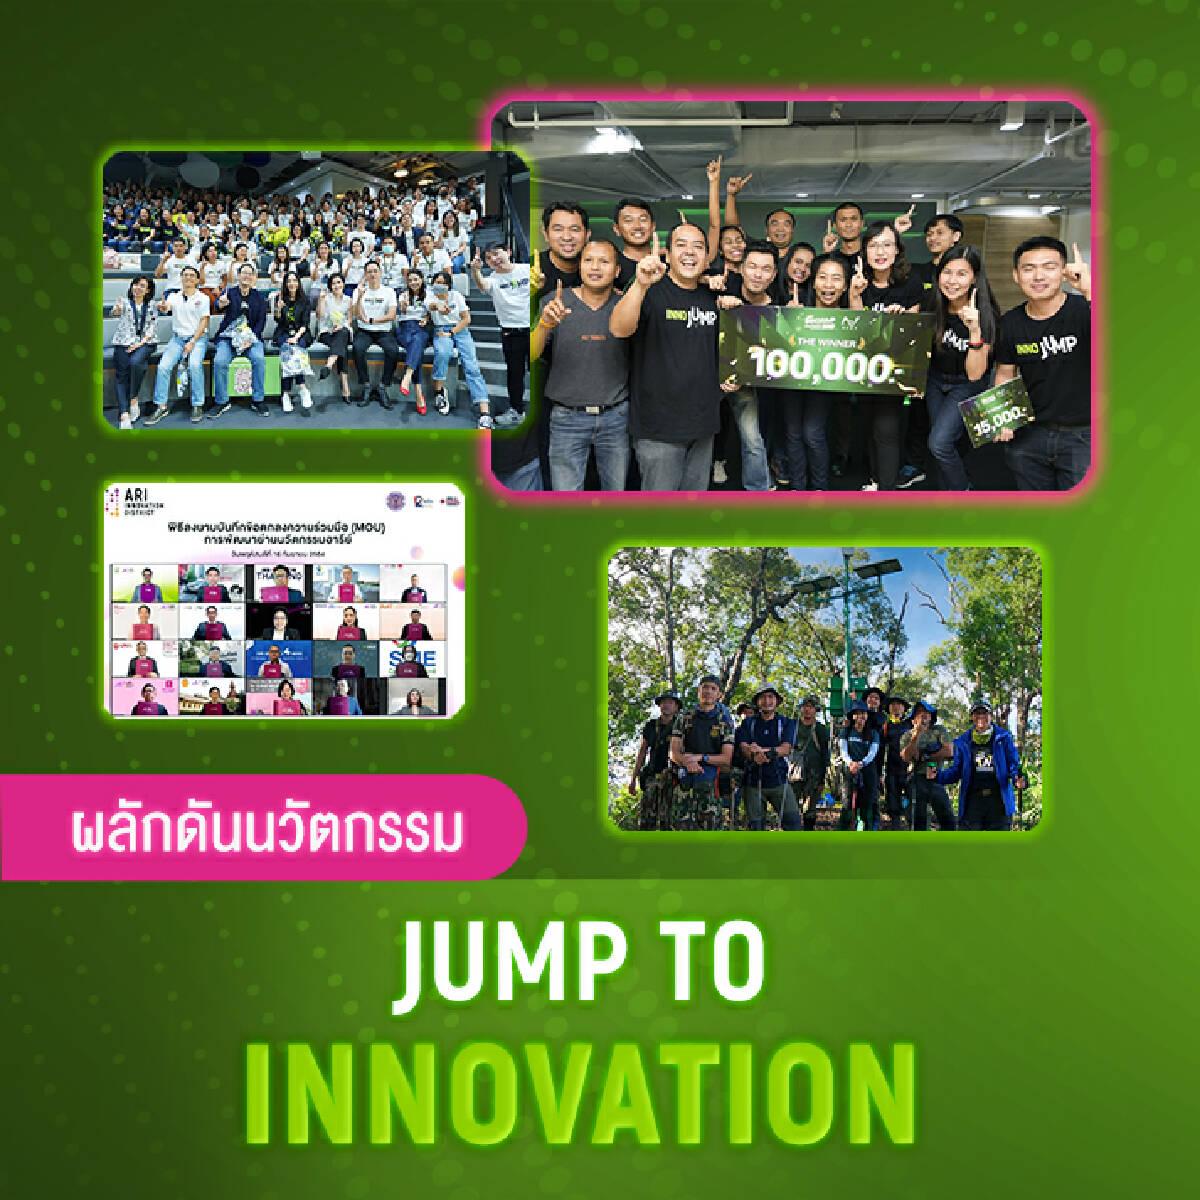 AIS ACADEMY ชวนร่วมกระโดดก้าวข้ามฝ่าวิกฤต JUMP THAILAND